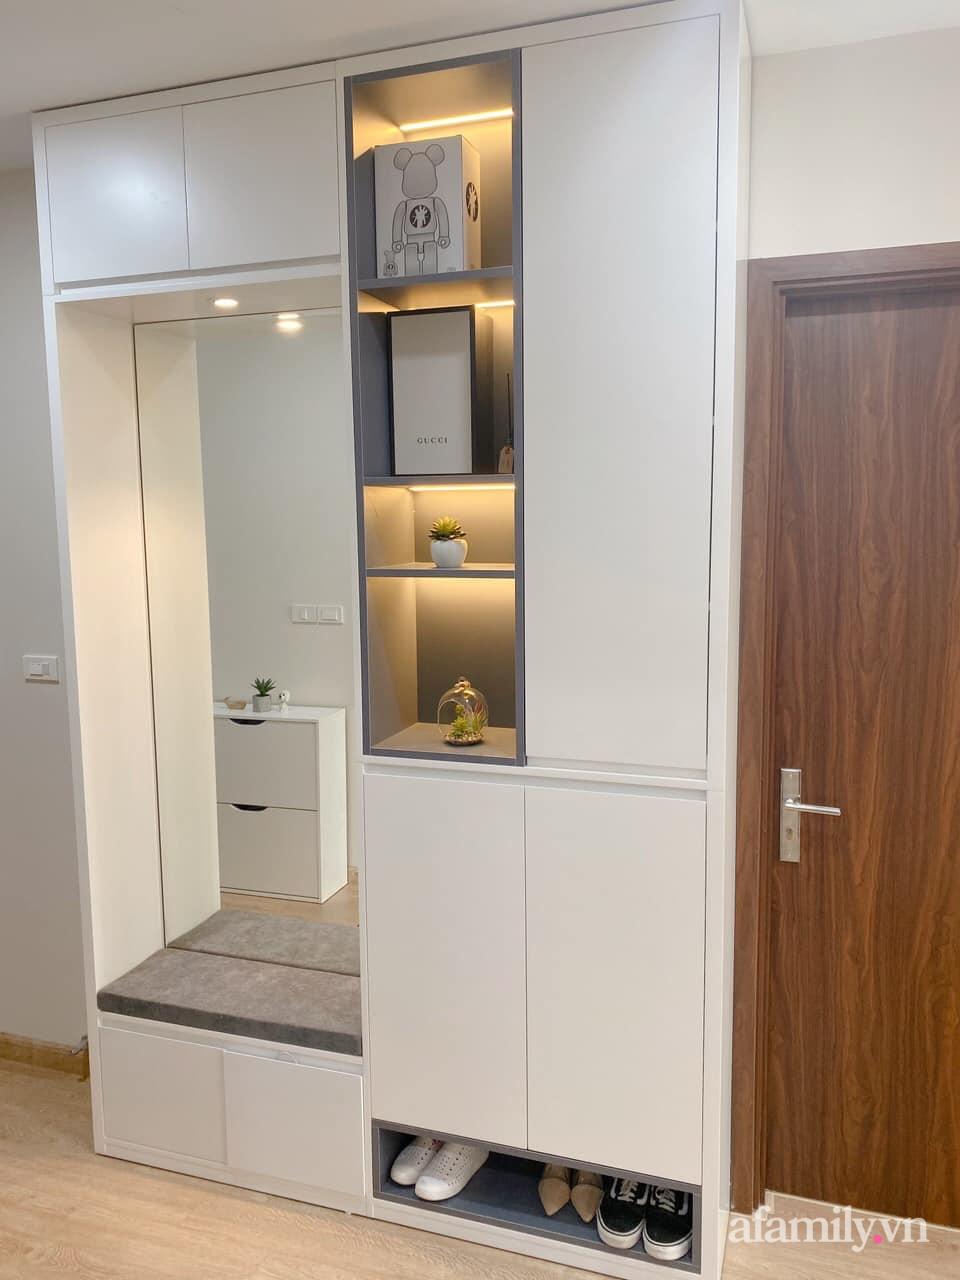 Căn hộ 92m² đong đầy hạnh phúc với nội thất đơn giản, hiện đại của vợ chồng trẻ Hà Nội - Ảnh 5.